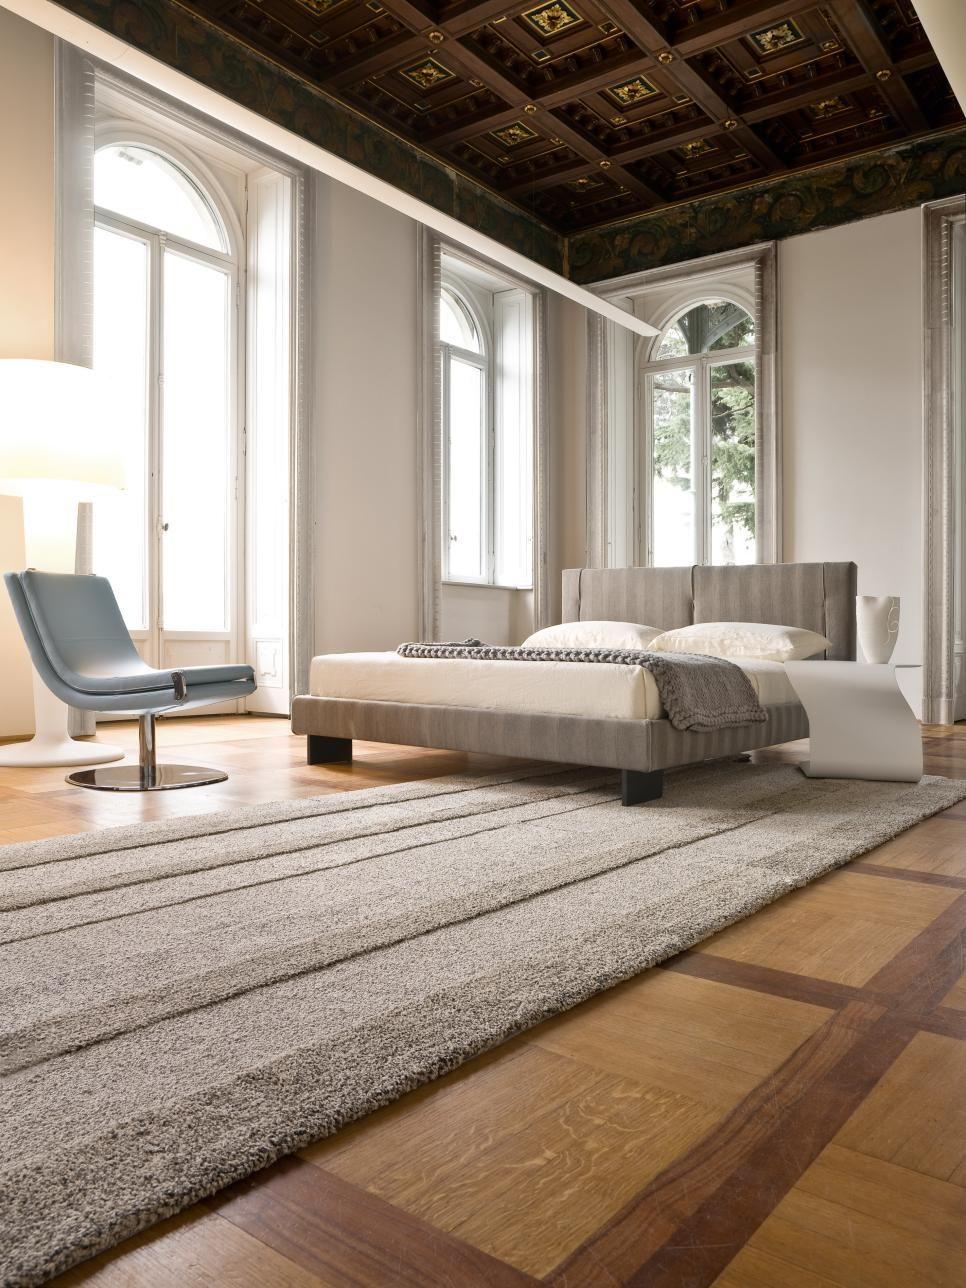 Schluss mit dem Teppich: 17 Schlafzimmer Bodenbeläge in 17